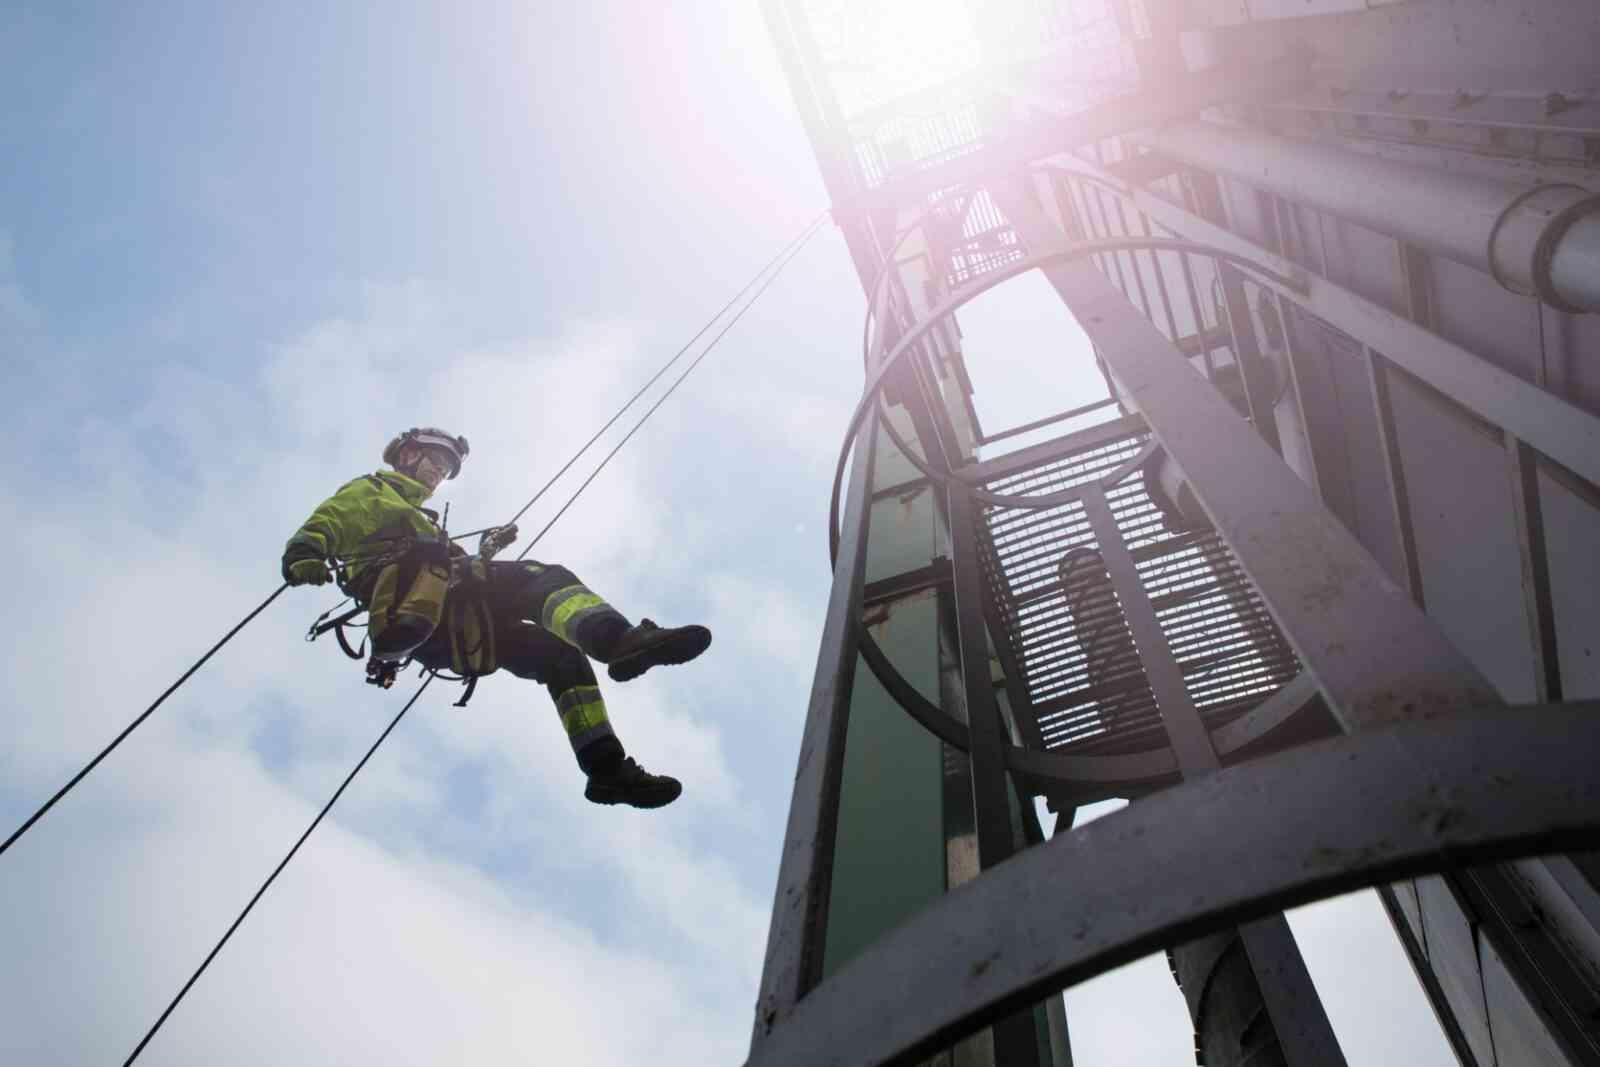 alpinizm - Промышленный альпинизм